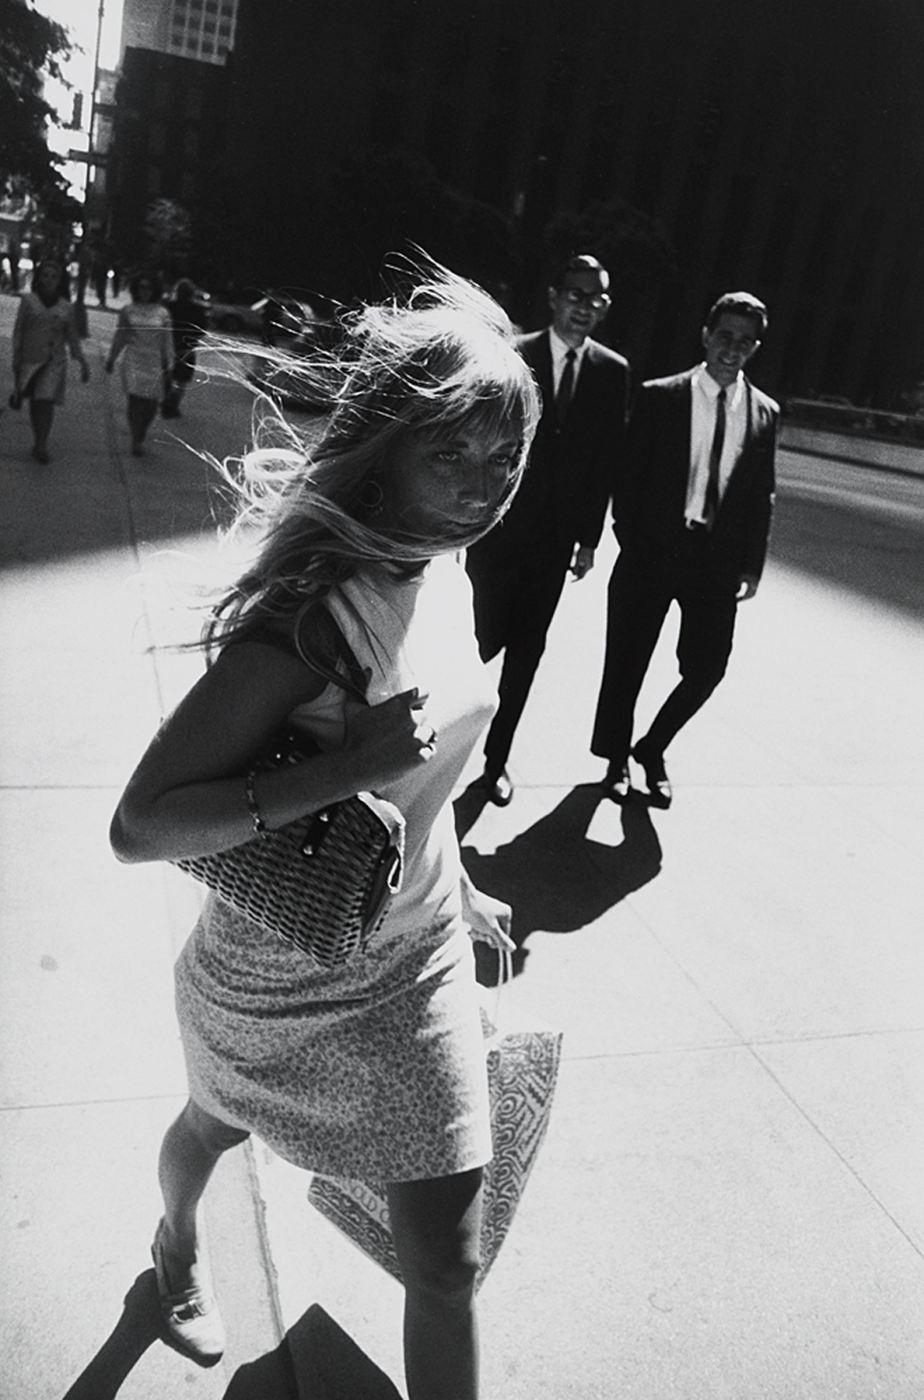 11._New_York,_1965_Winogrand